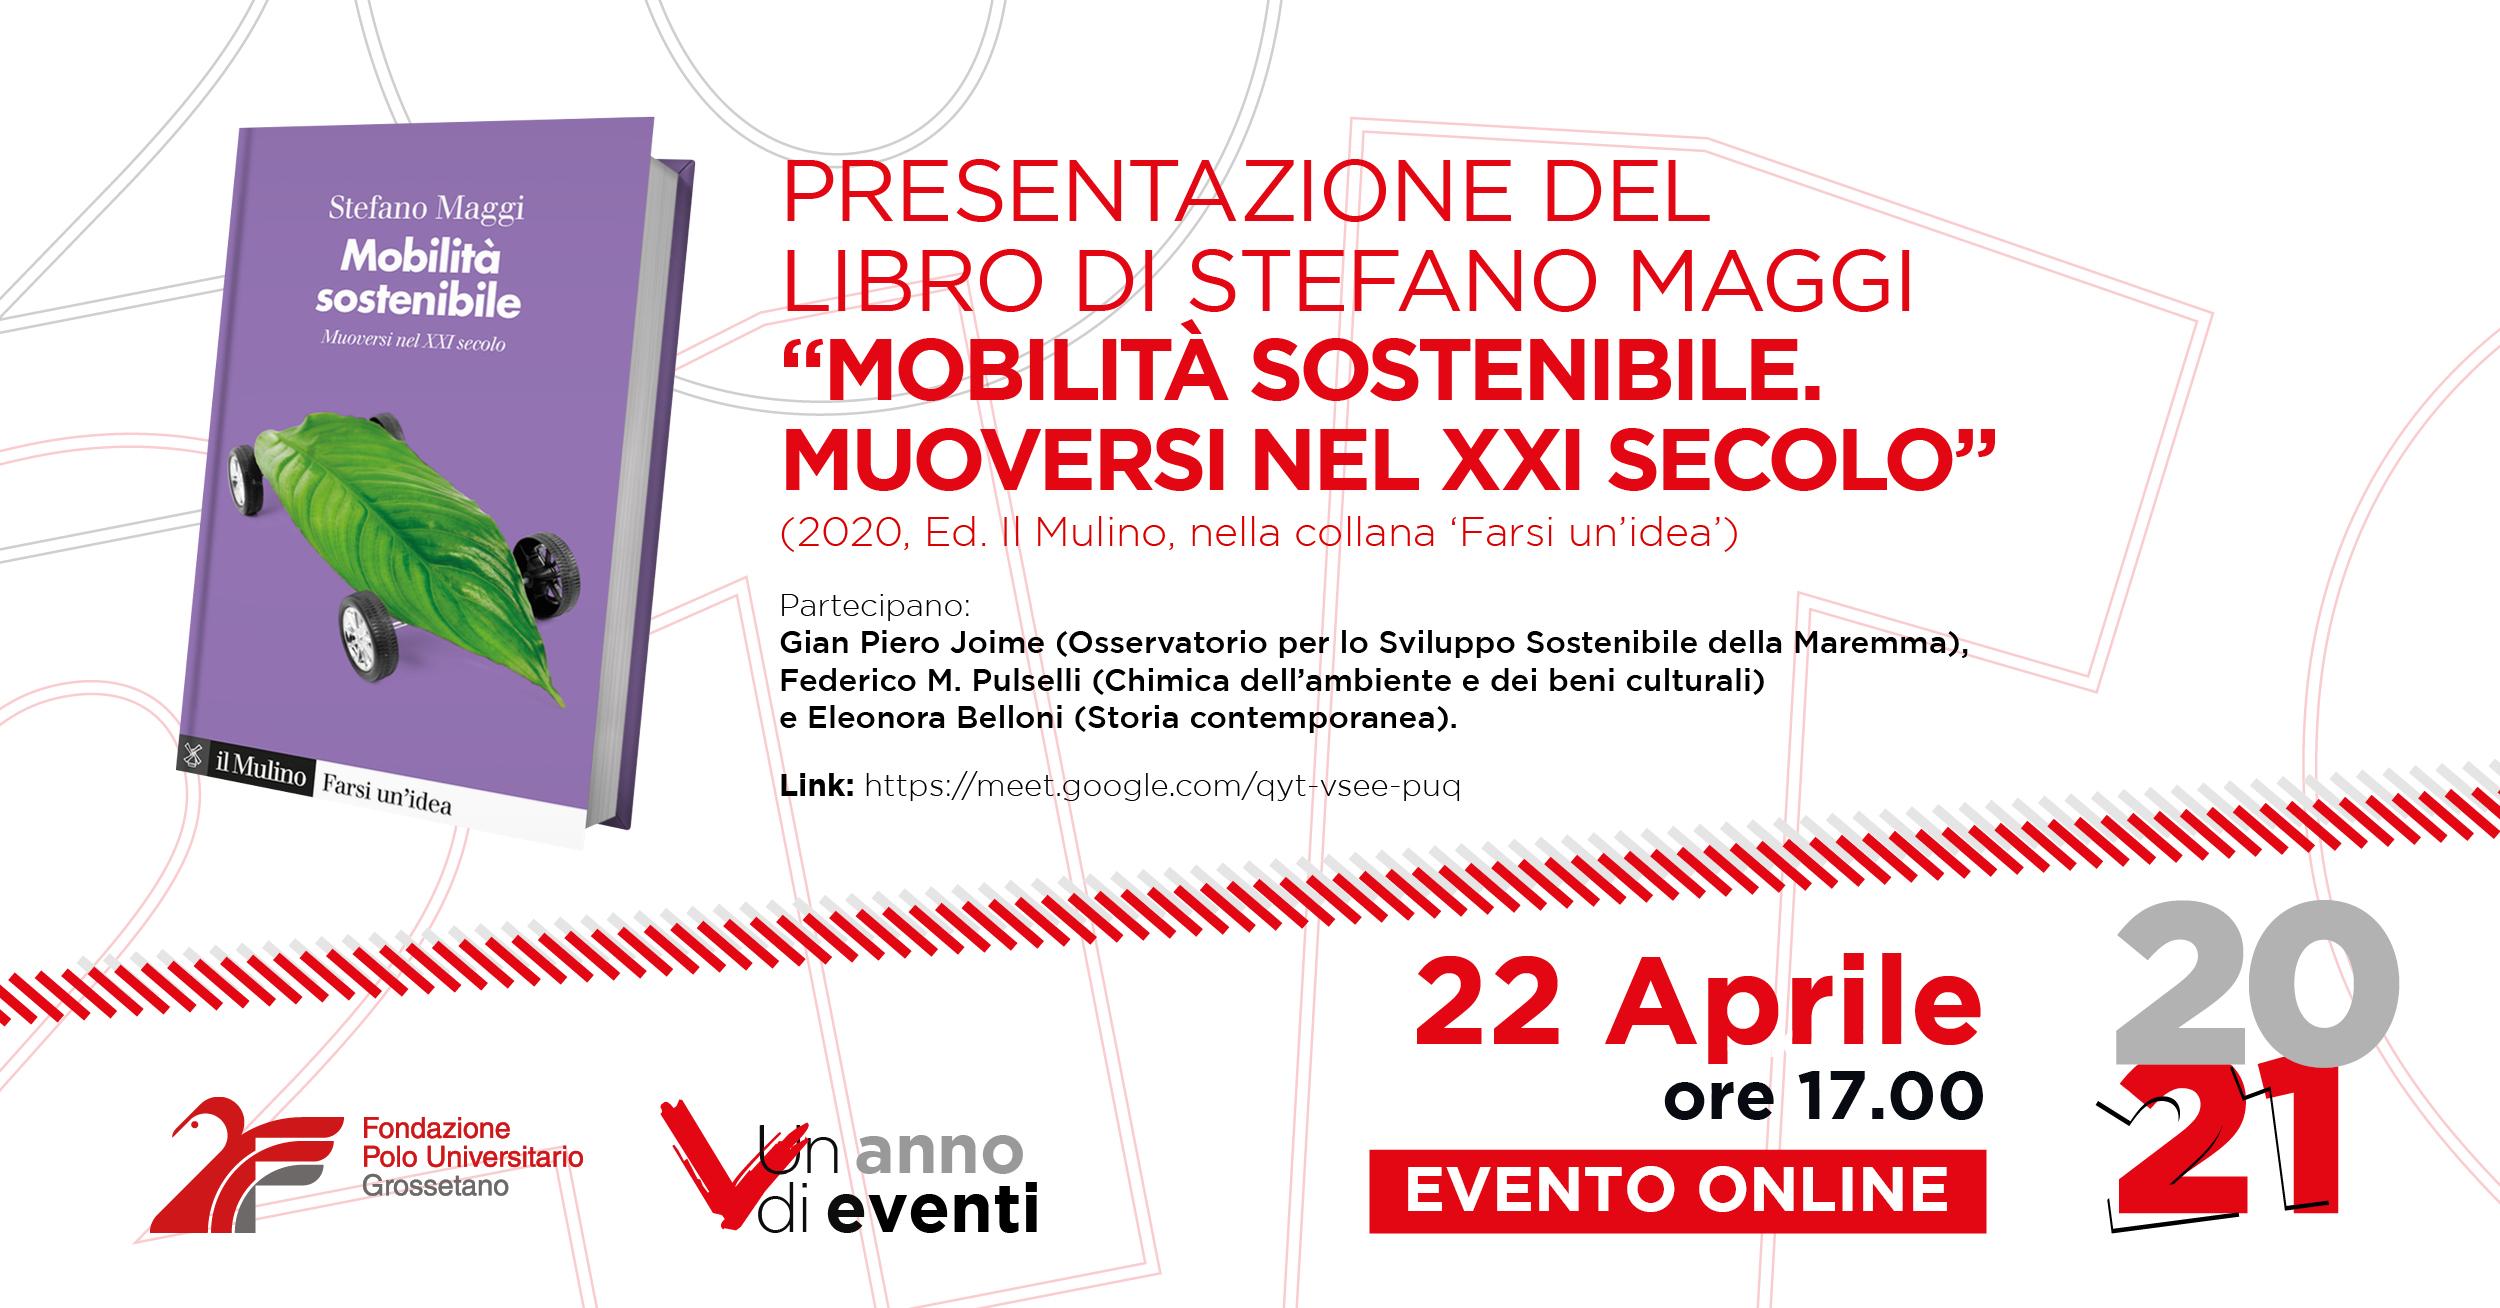 Locandina-prof.-Maggi-presentazione-libro-mobilita-sostenibile